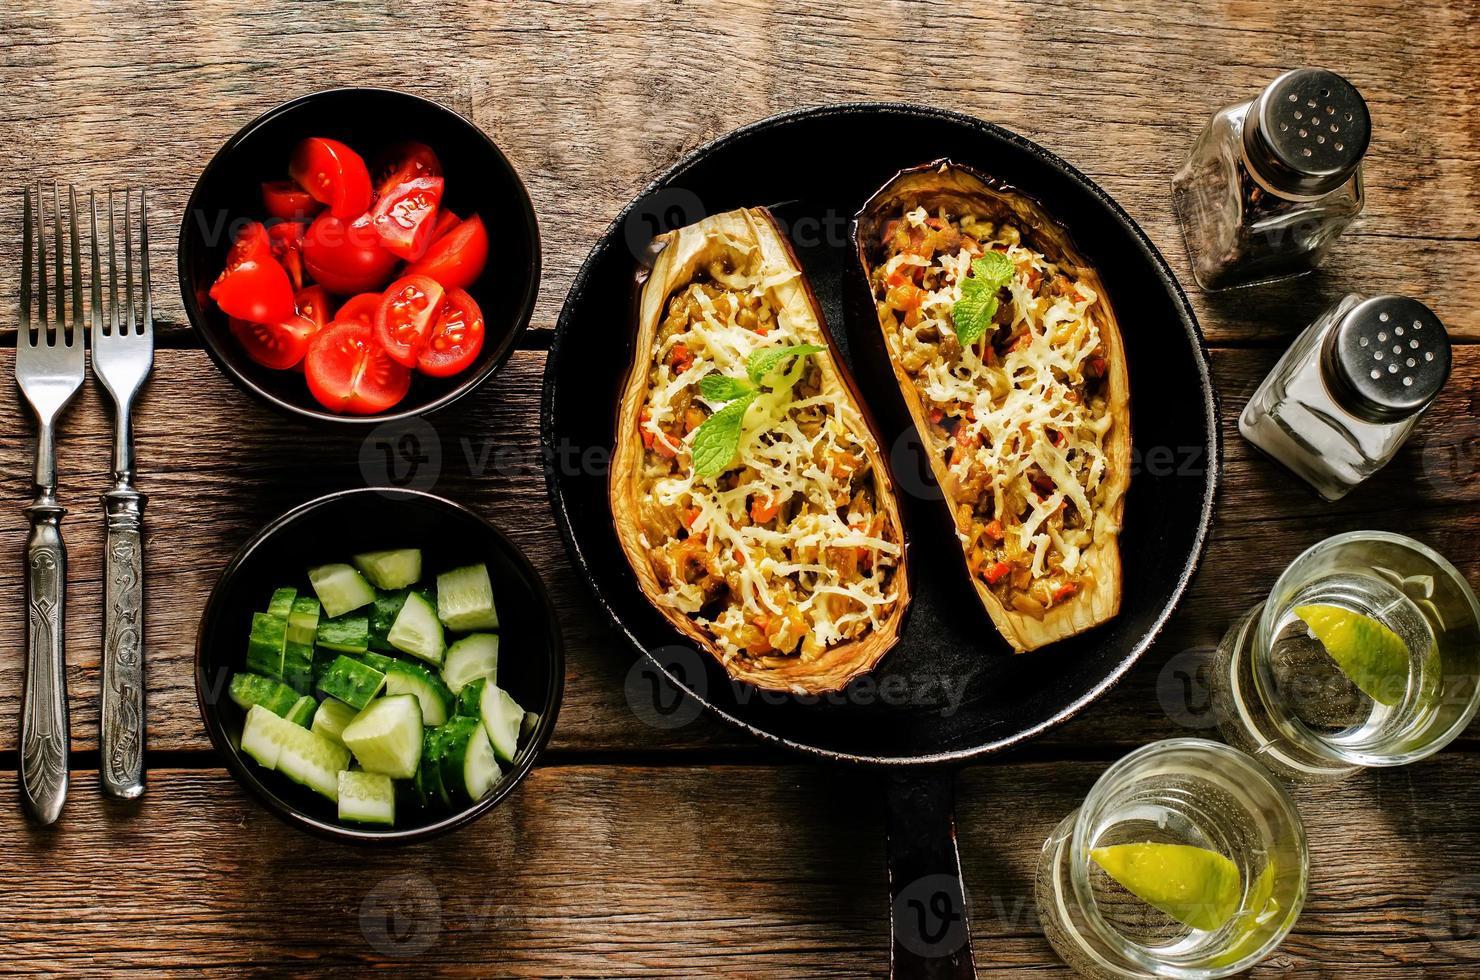 berinjela recheada com legumes foto